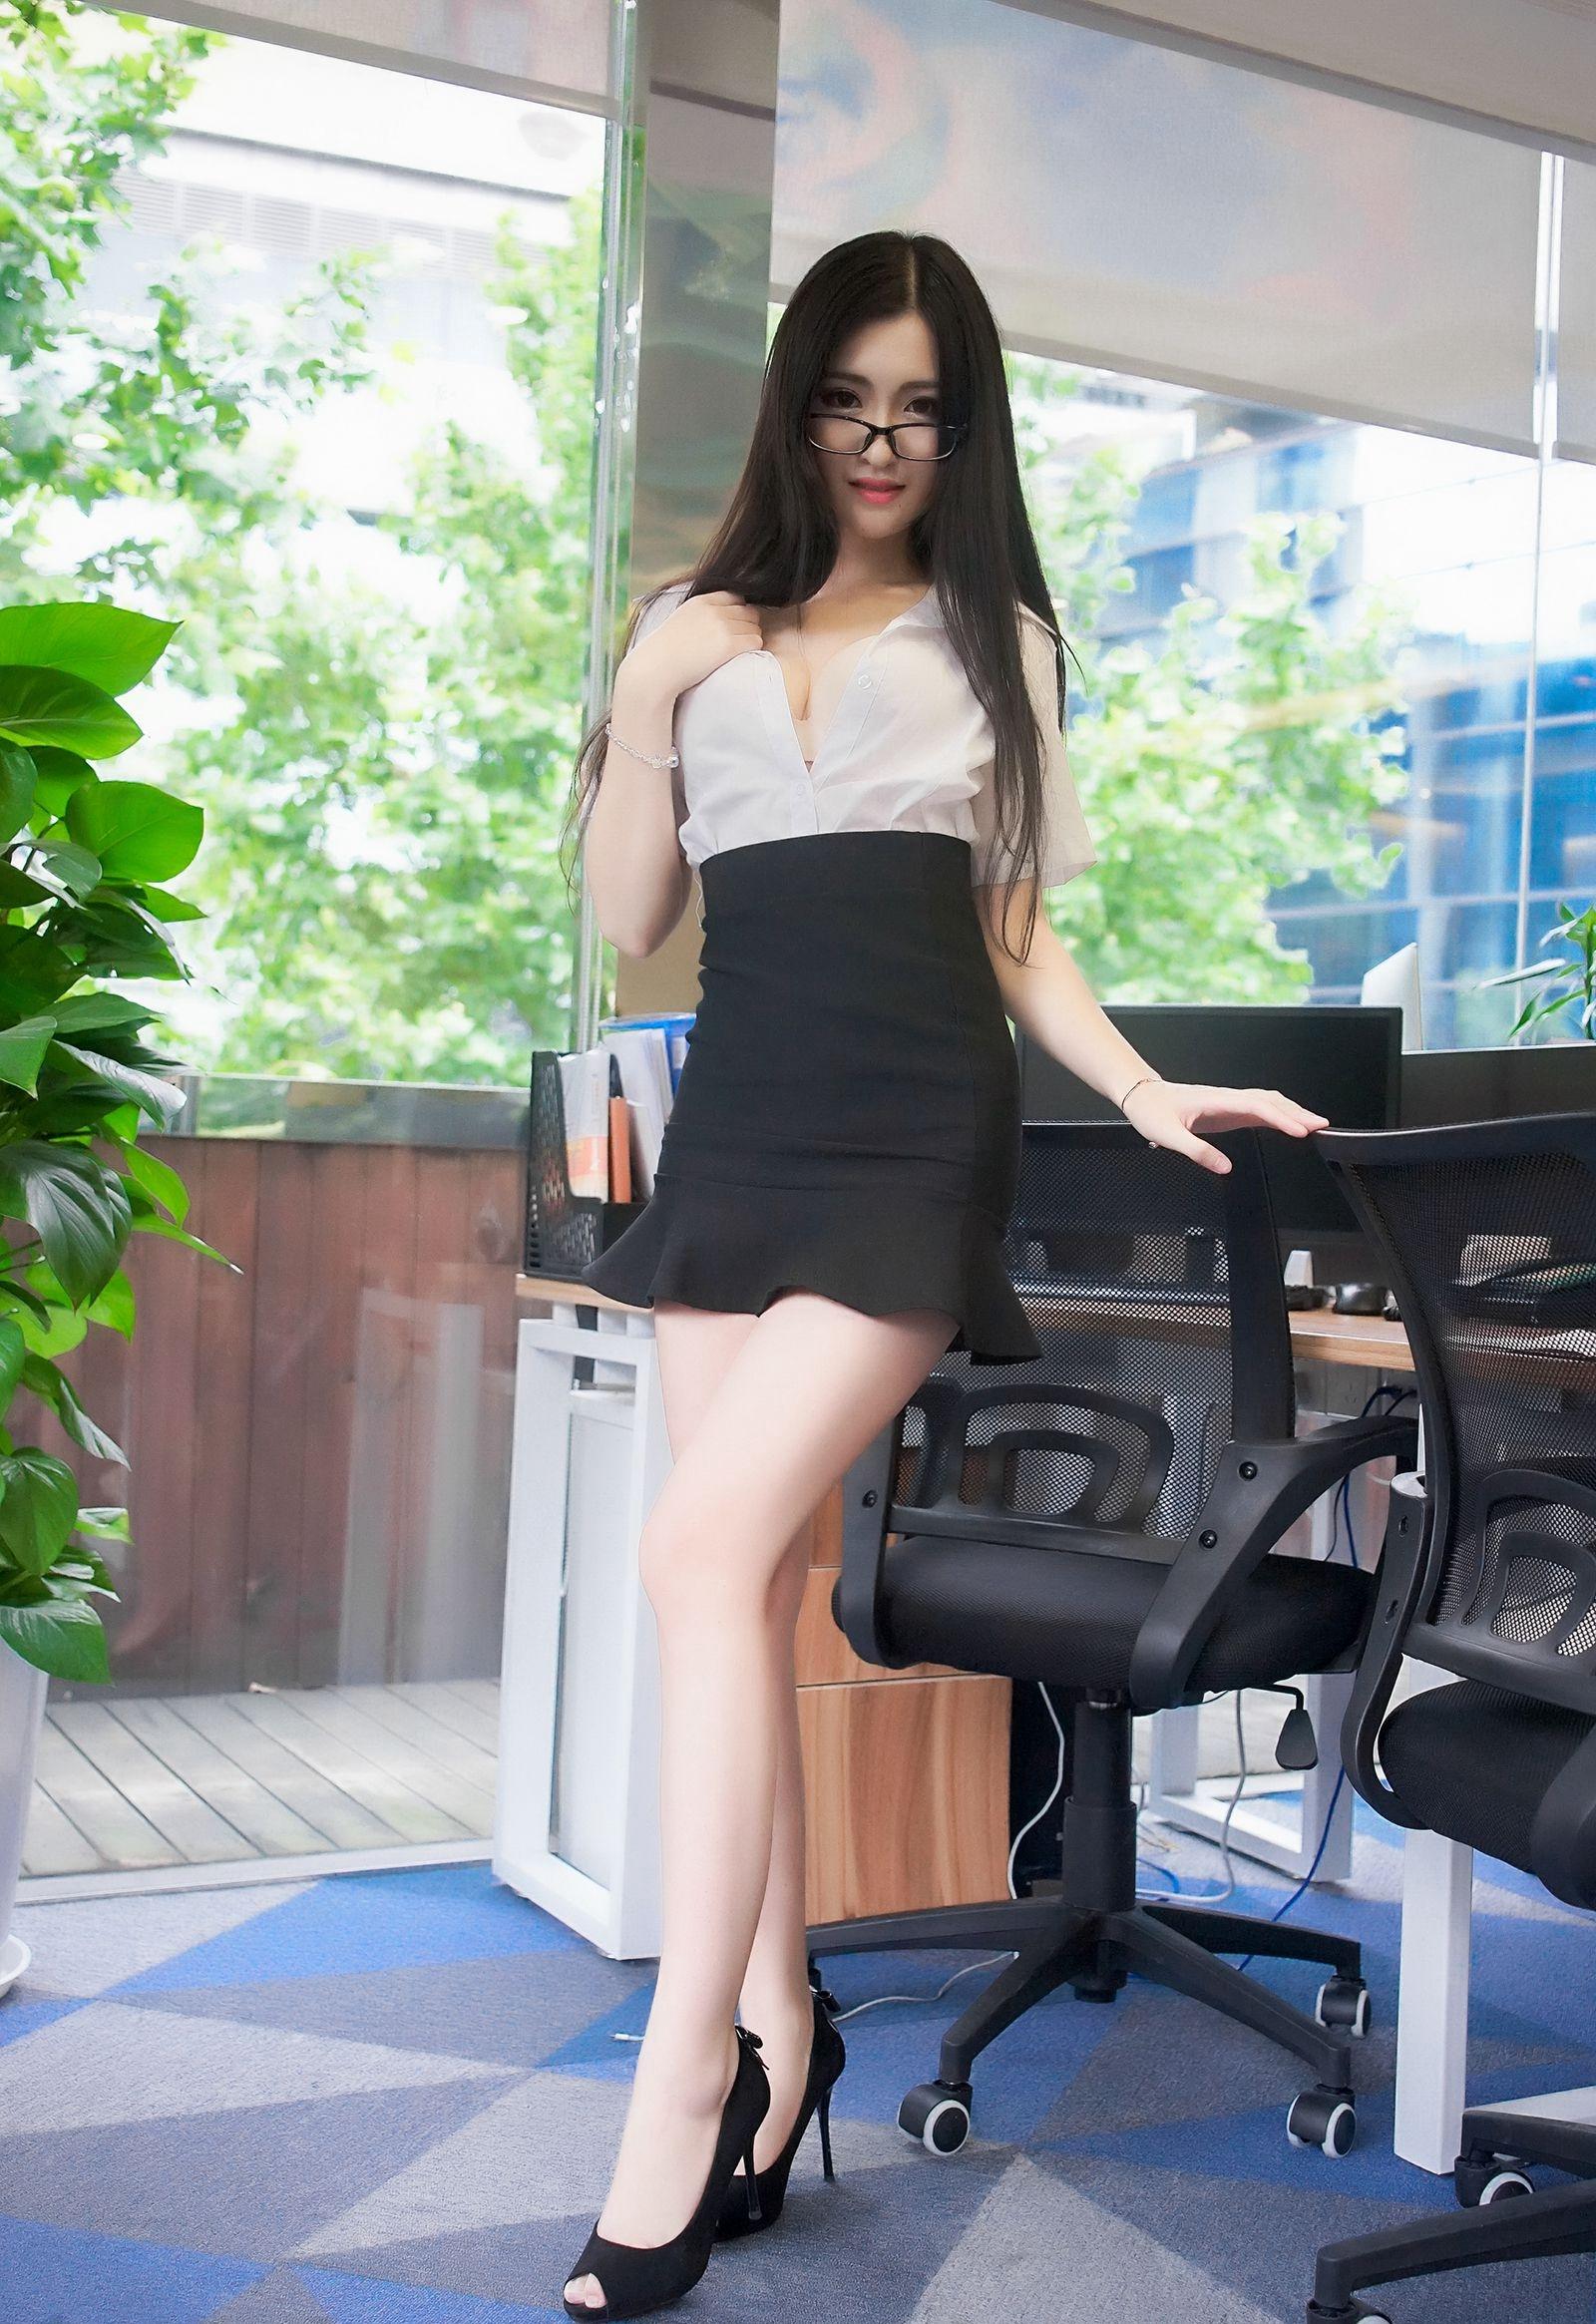 5PG-844细腰美女性感美腿极品翘臀写真